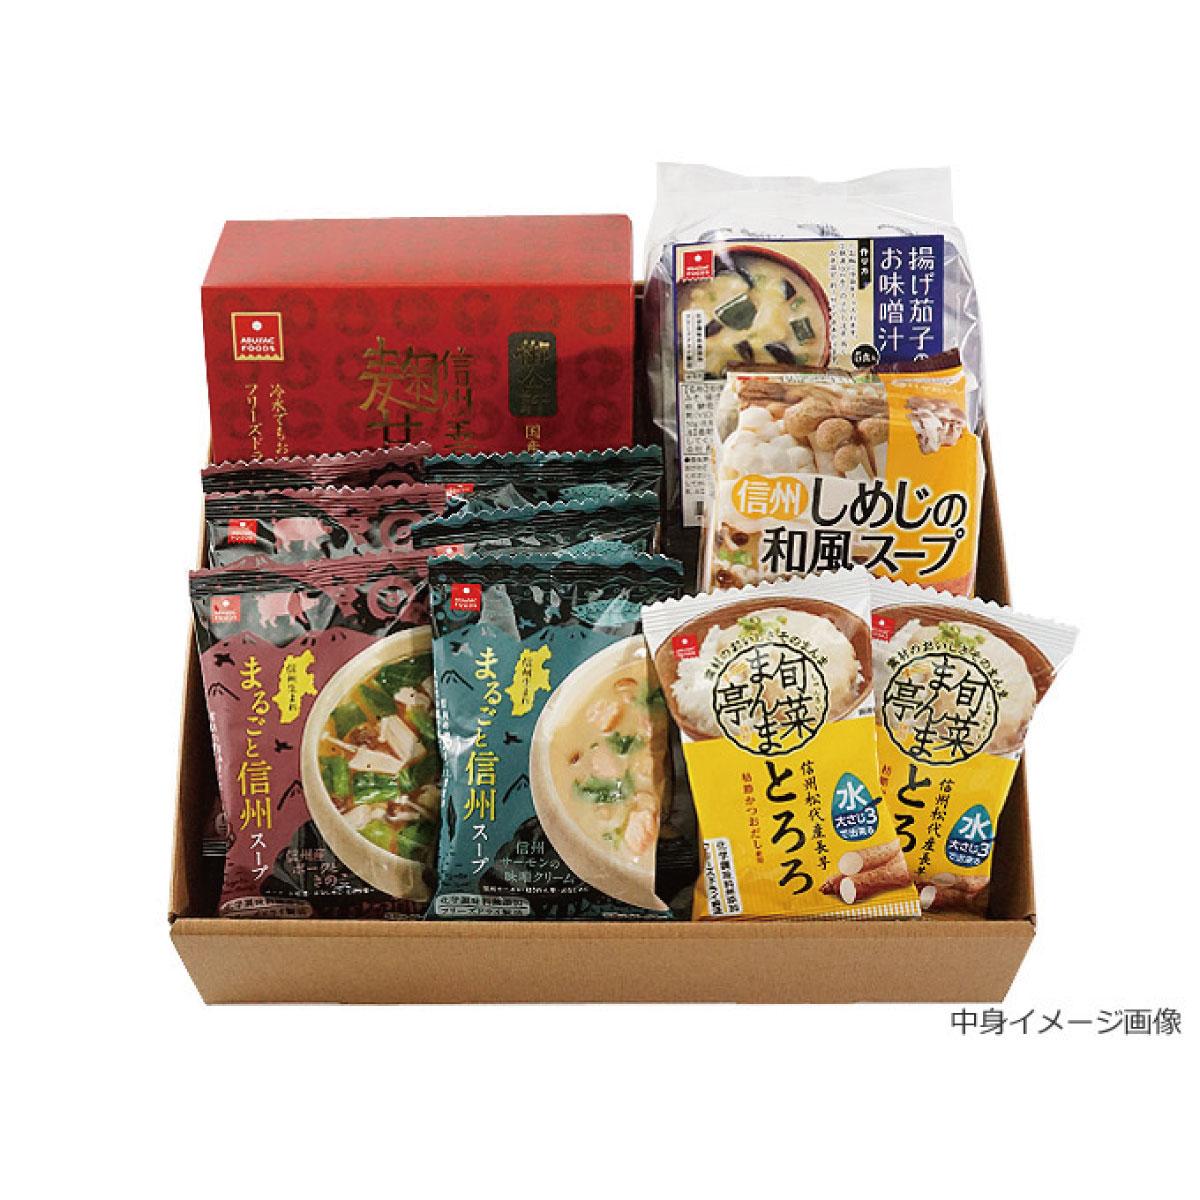 【ふるさと納税】信州ギフト(6種22食)《アスザックフーズ》【フリーズドライ・味噌汁・甘酒・スープ】